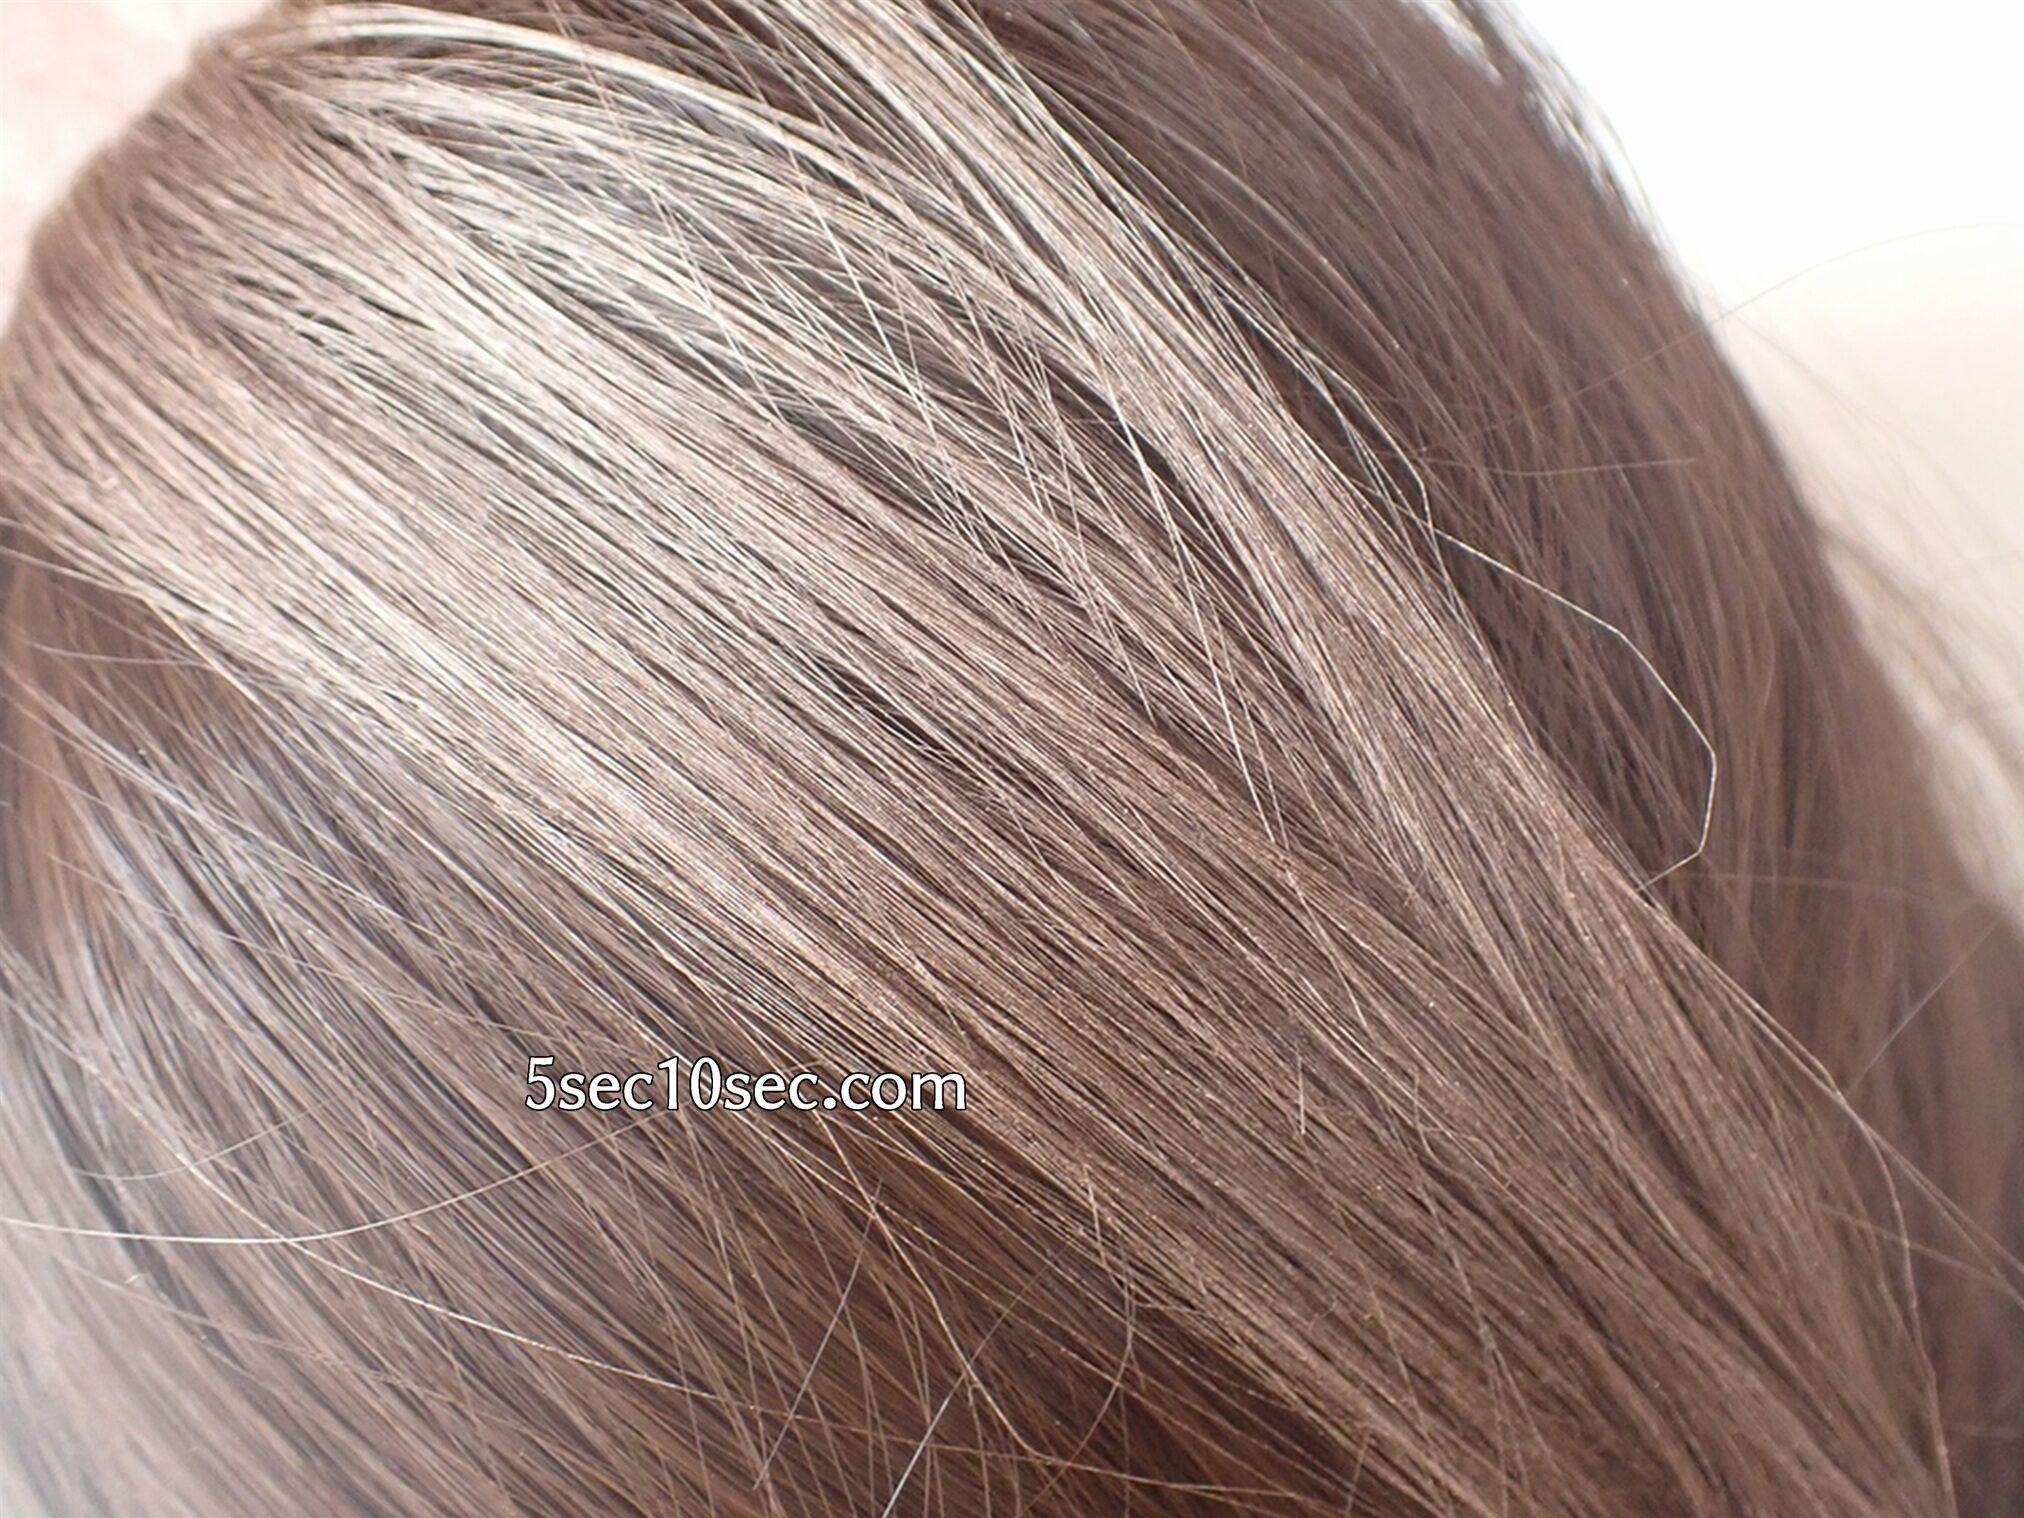 EMAJINY(エマジニー)洗って落とせる1day ヘアカラーワックス ミルクティーアッシュ(薄茶) 暗い色の髪にもしっかり明るく発色します